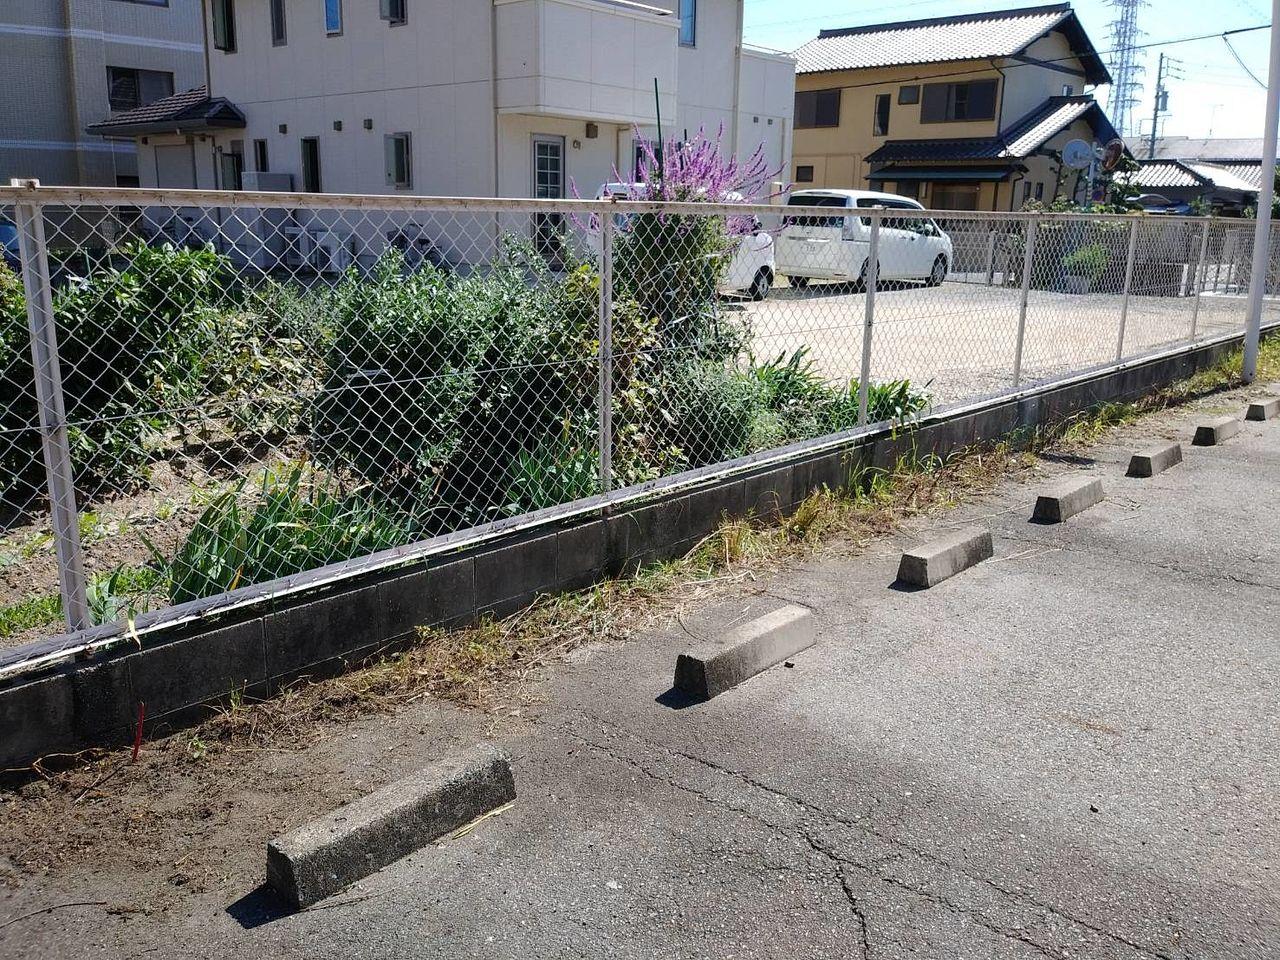 溝にたまった土は後日取り除きます。がんばるぞ!